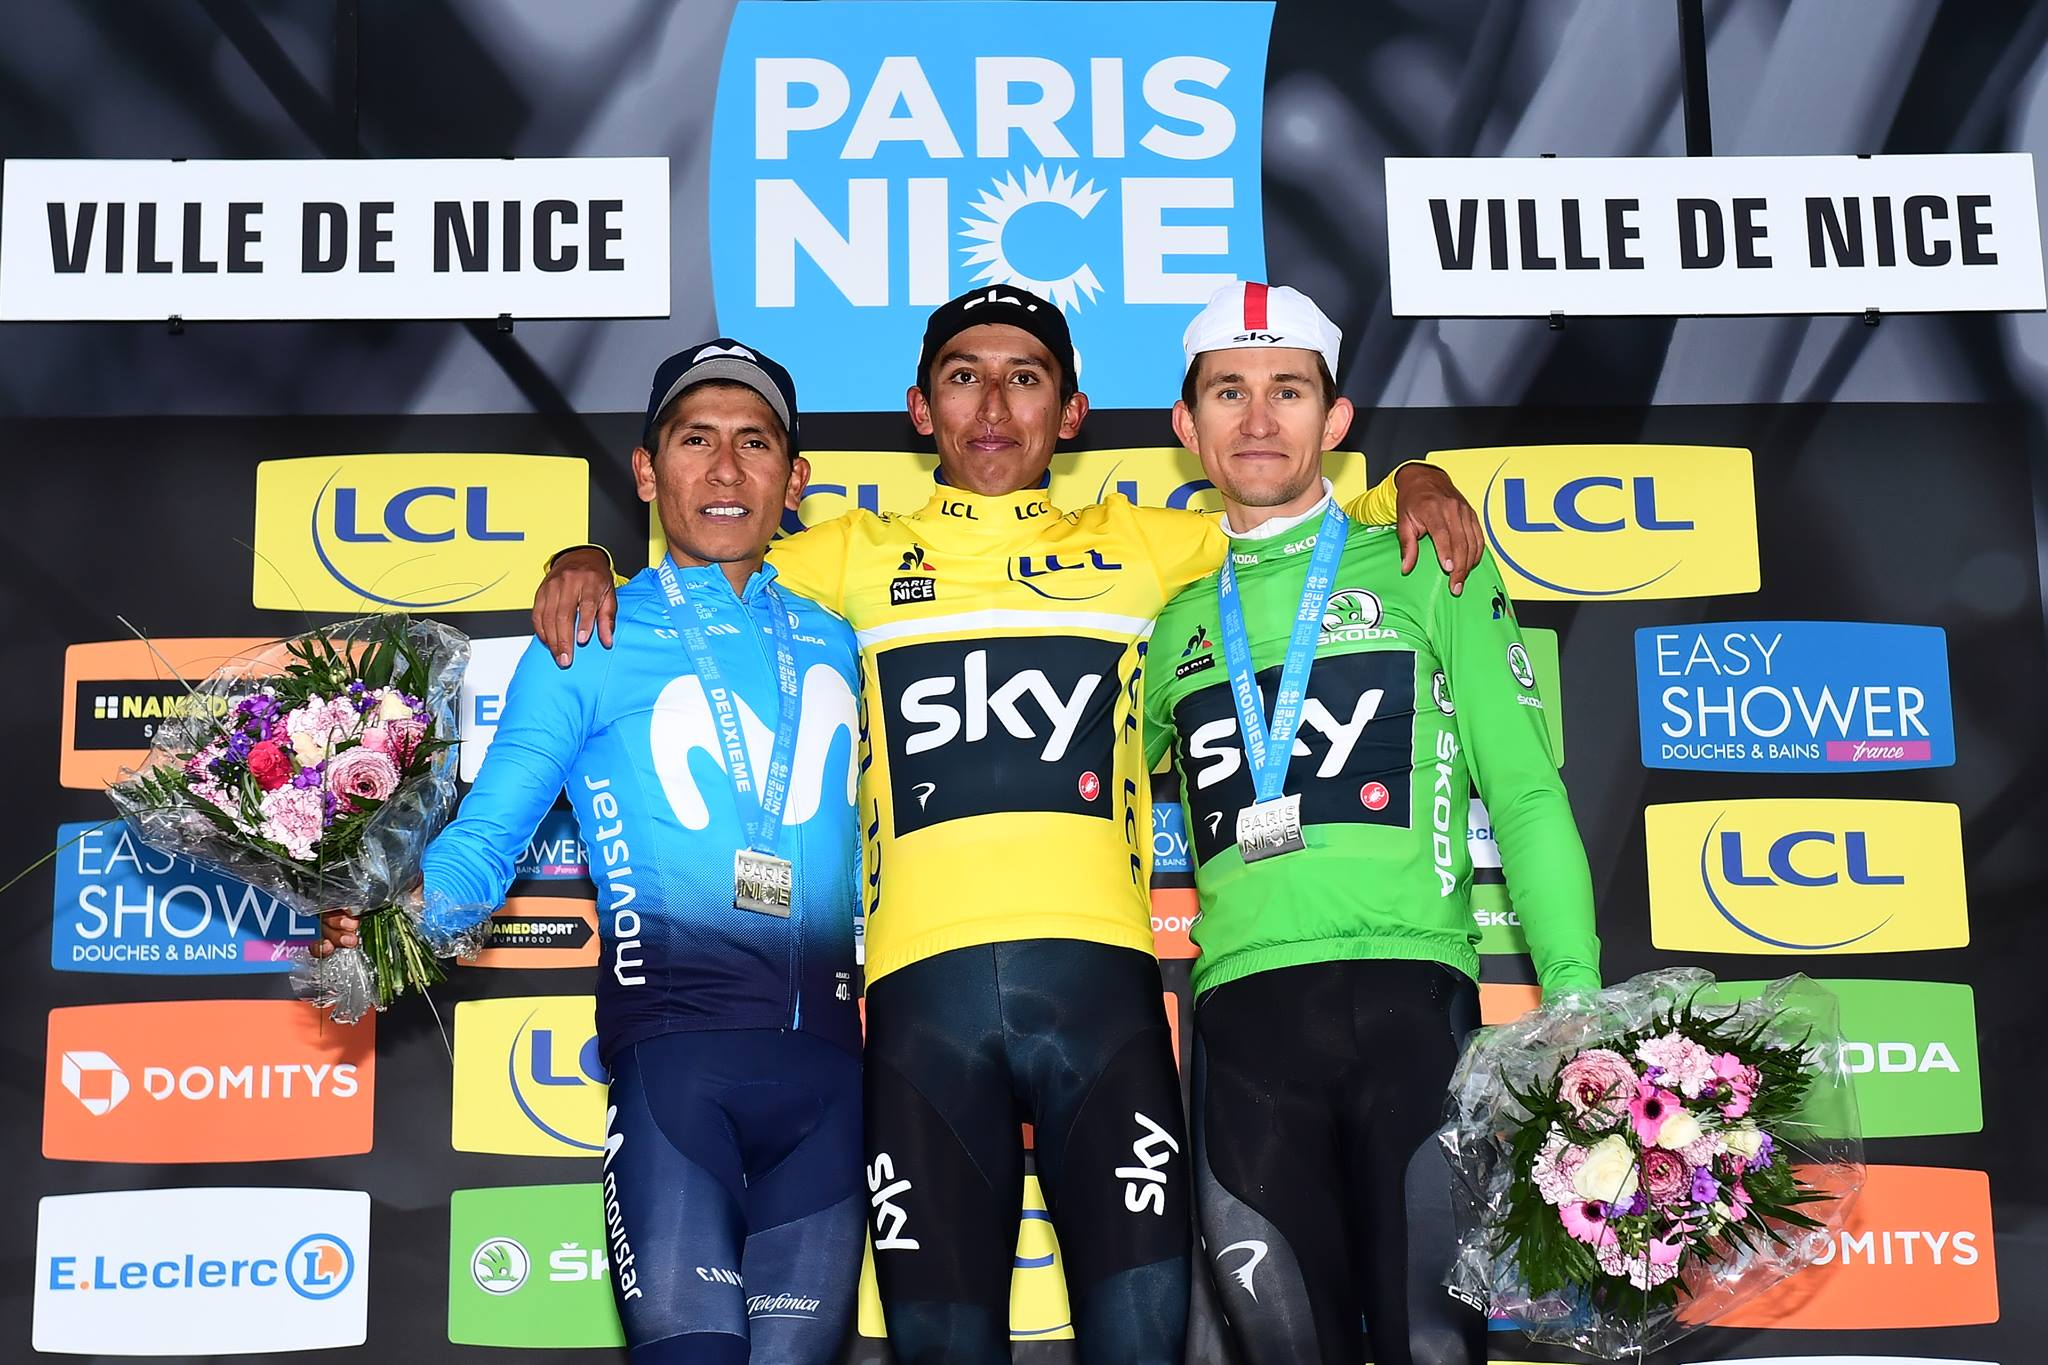 Il podio finale della Parigi-Nizza 2019 vinta da Egan Bernal